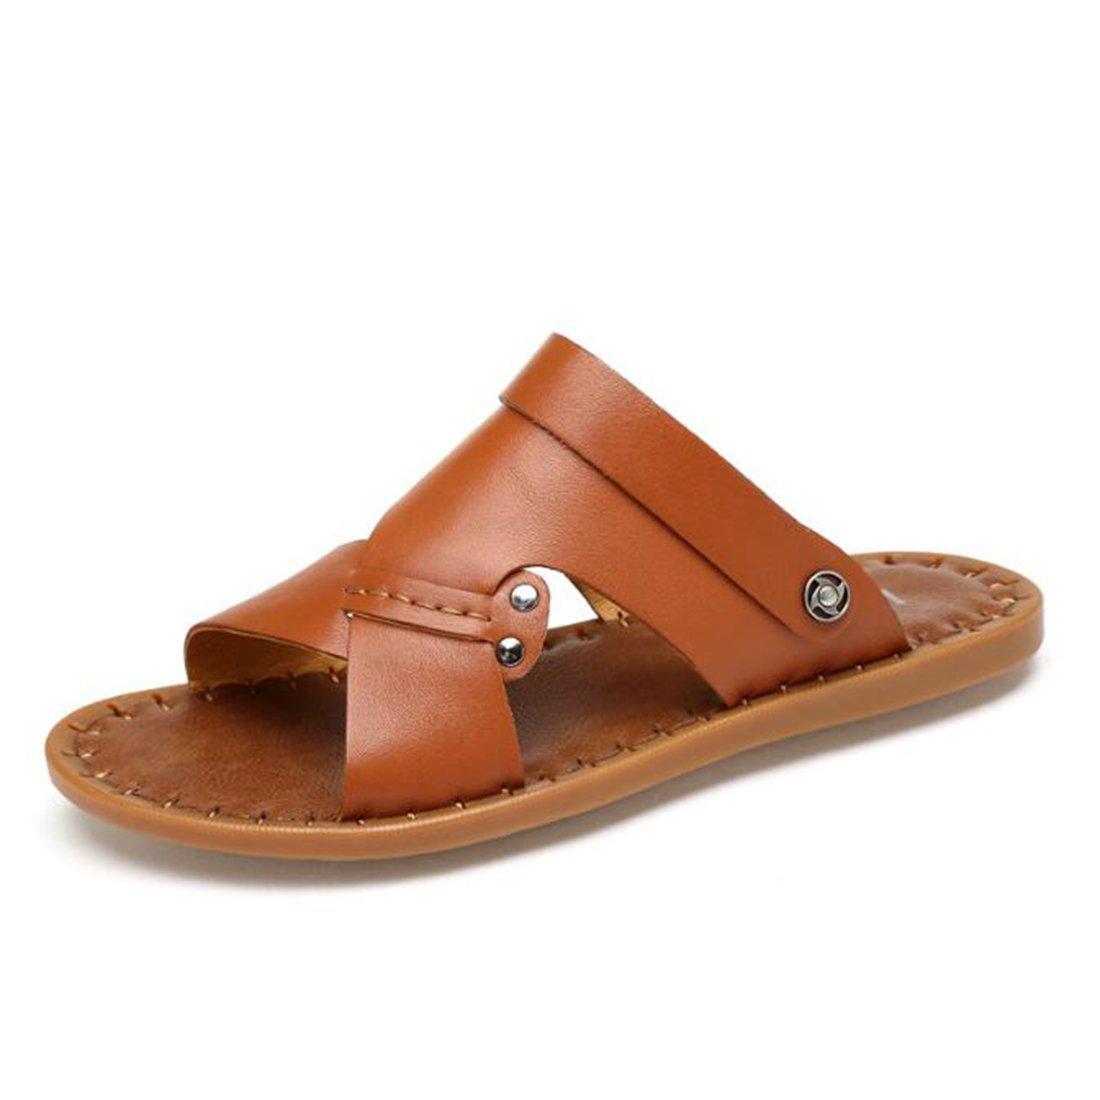 ZHONGST Sandalias De Cuero De Verano Para Hombres Zapatos De Playa Casuales Sandalias Hechas A Mano,Brown,43 Brown